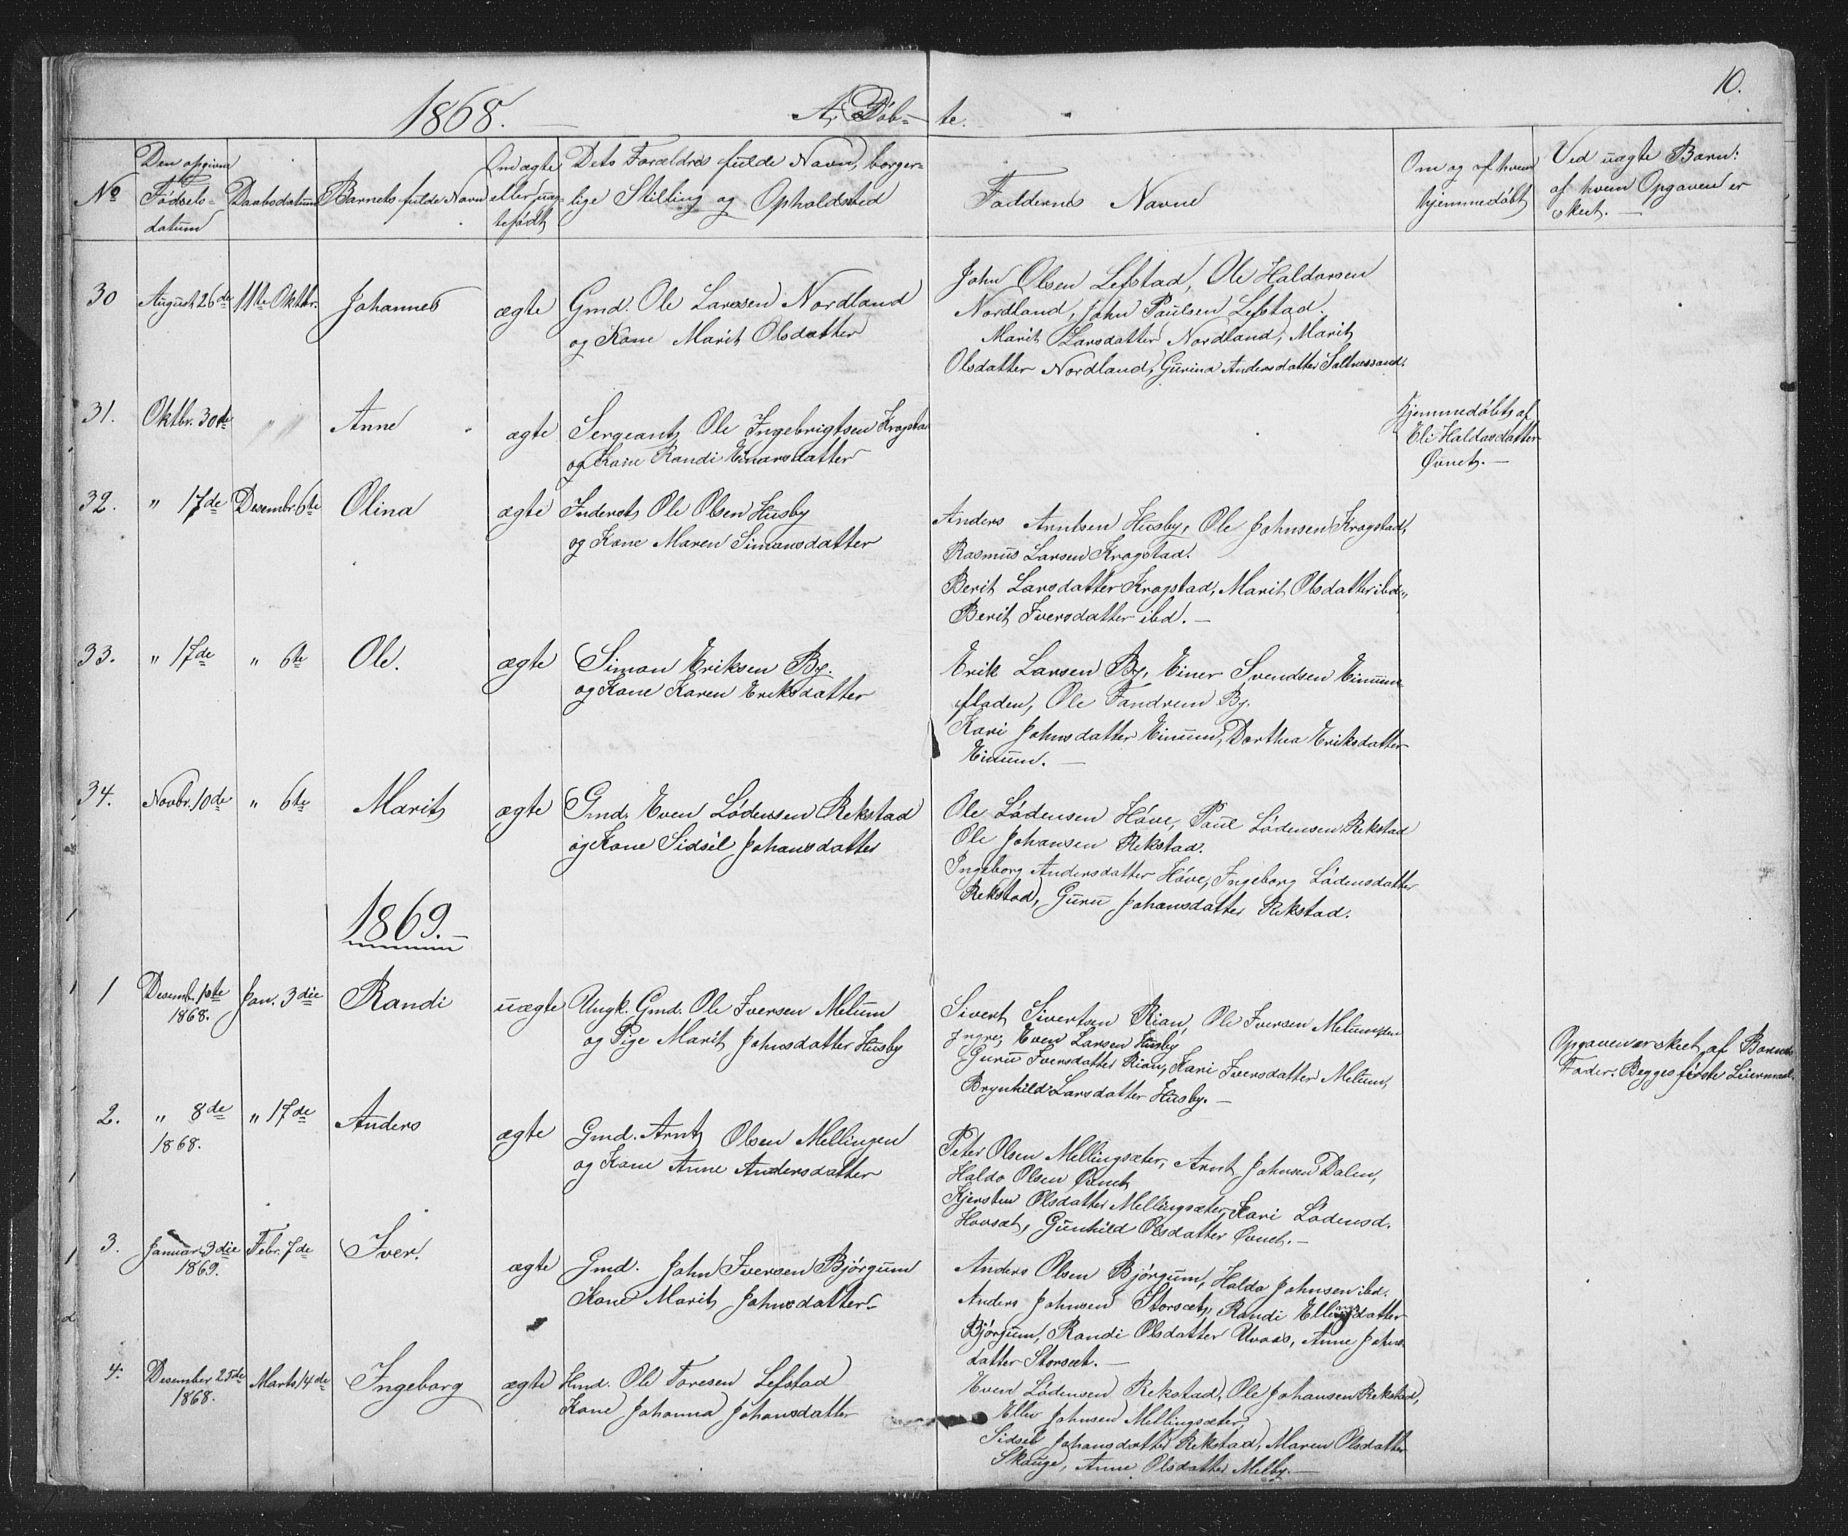 SAT, Ministerialprotokoller, klokkerbøker og fødselsregistre - Sør-Trøndelag, 667/L0798: Klokkerbok nr. 667C03, 1867-1929, s. 10